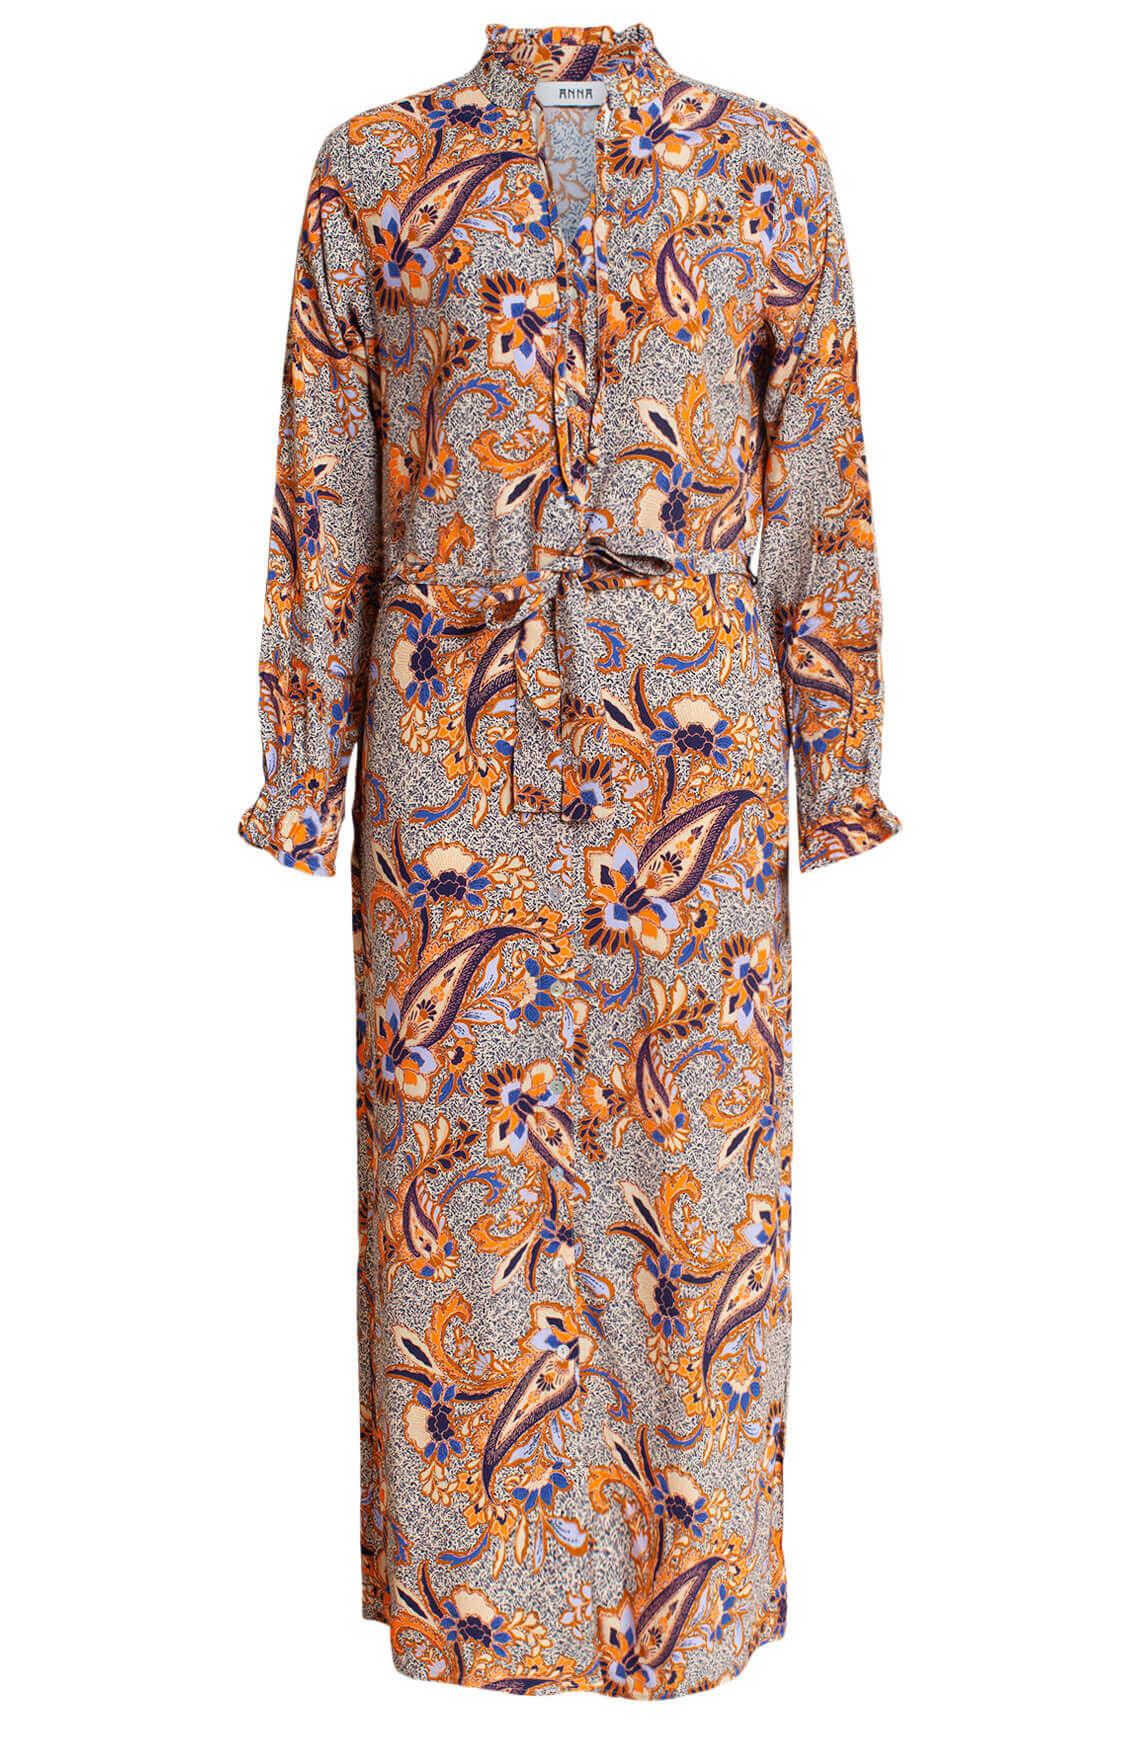 Anna Dames Paisley jurk Bruin